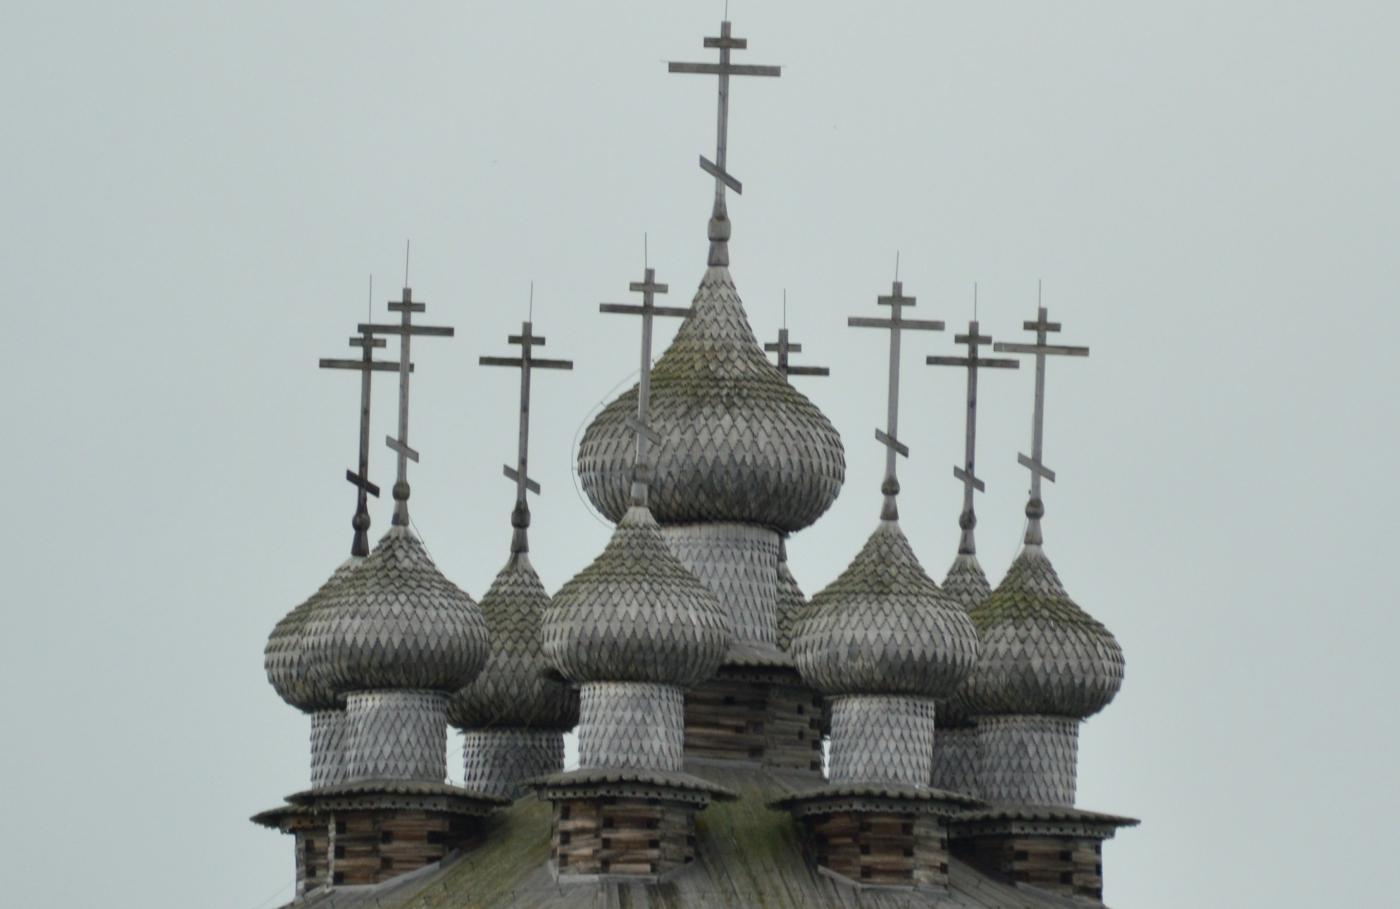 俄羅斯小鎮風光_圖1-7